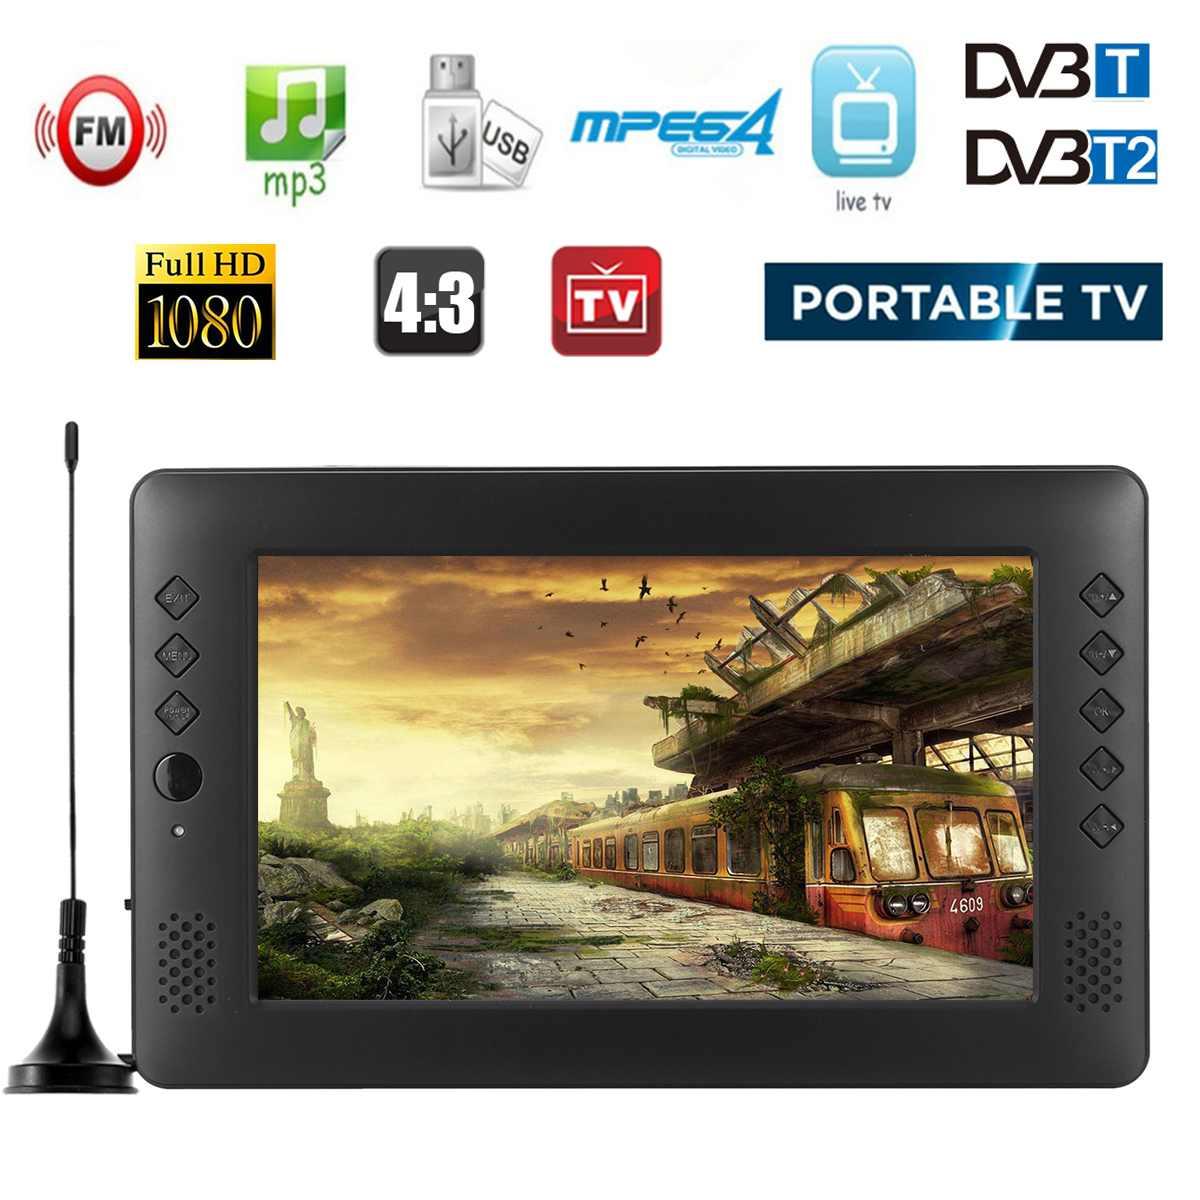 HD WiFi numériques TV analogique lecteur multimédia Portable de 9 pouces Dolby Support sonore Interface USB affichage de puissance avec télécommande